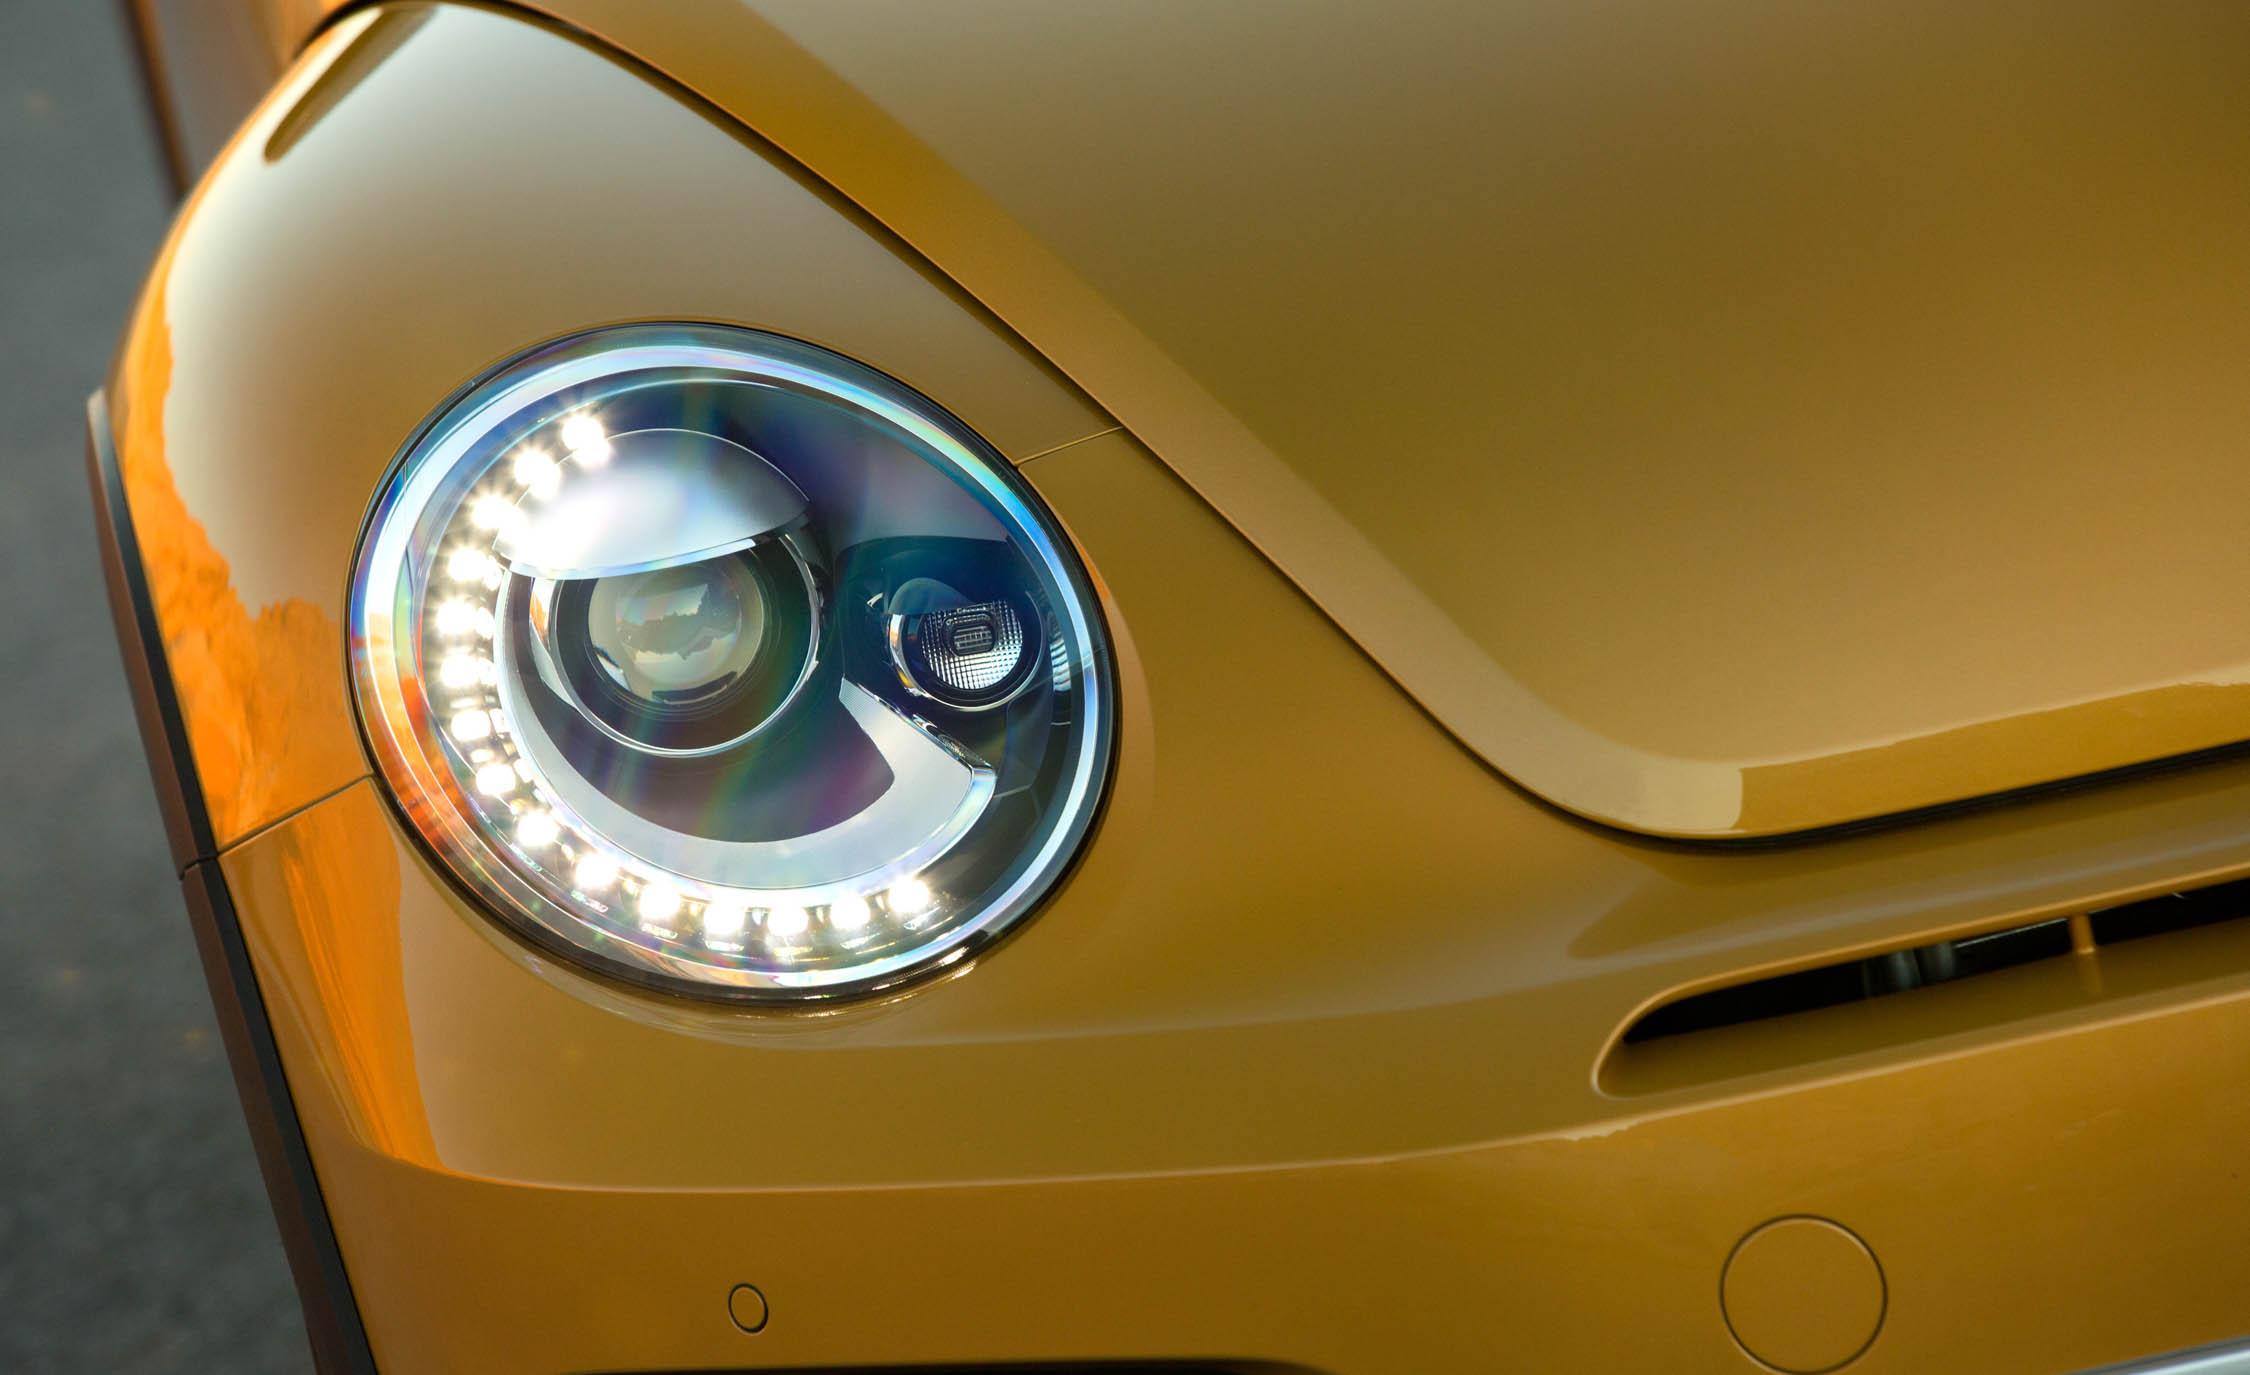 2016 Volkswagen Beetle Dune Exterior Headlight (View 1 of 32)